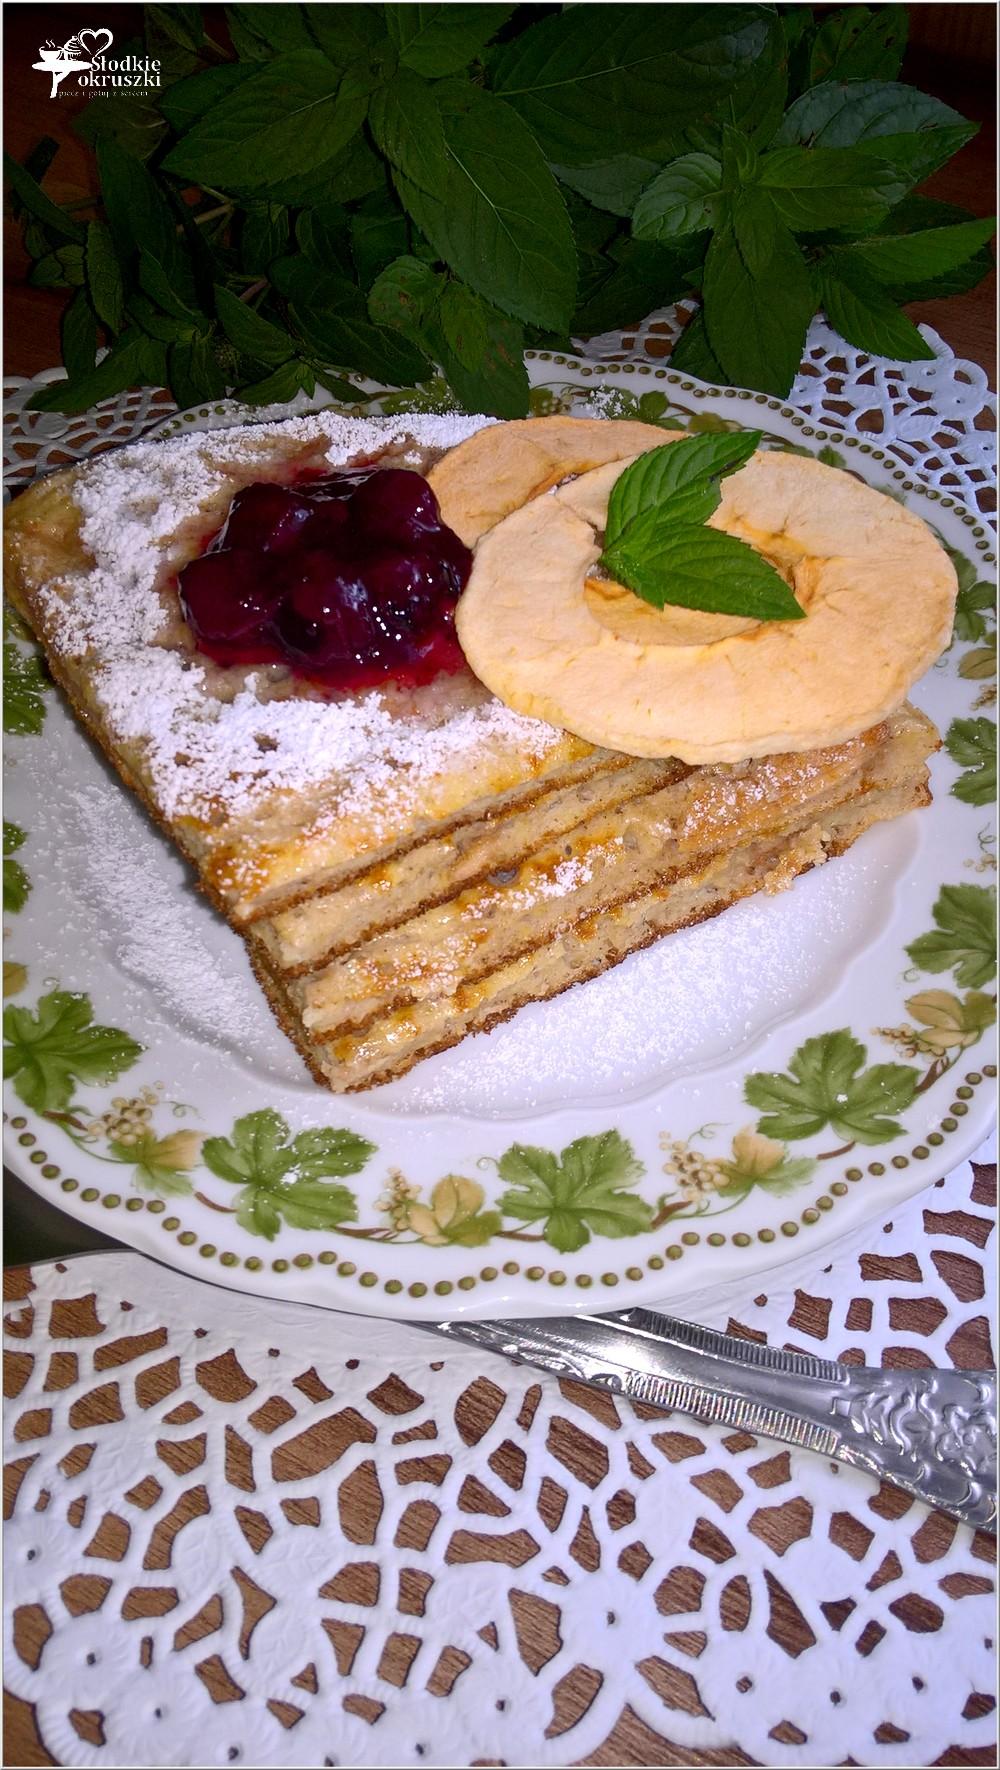 Cynamonowy omlet z jabłuszkiem (1)